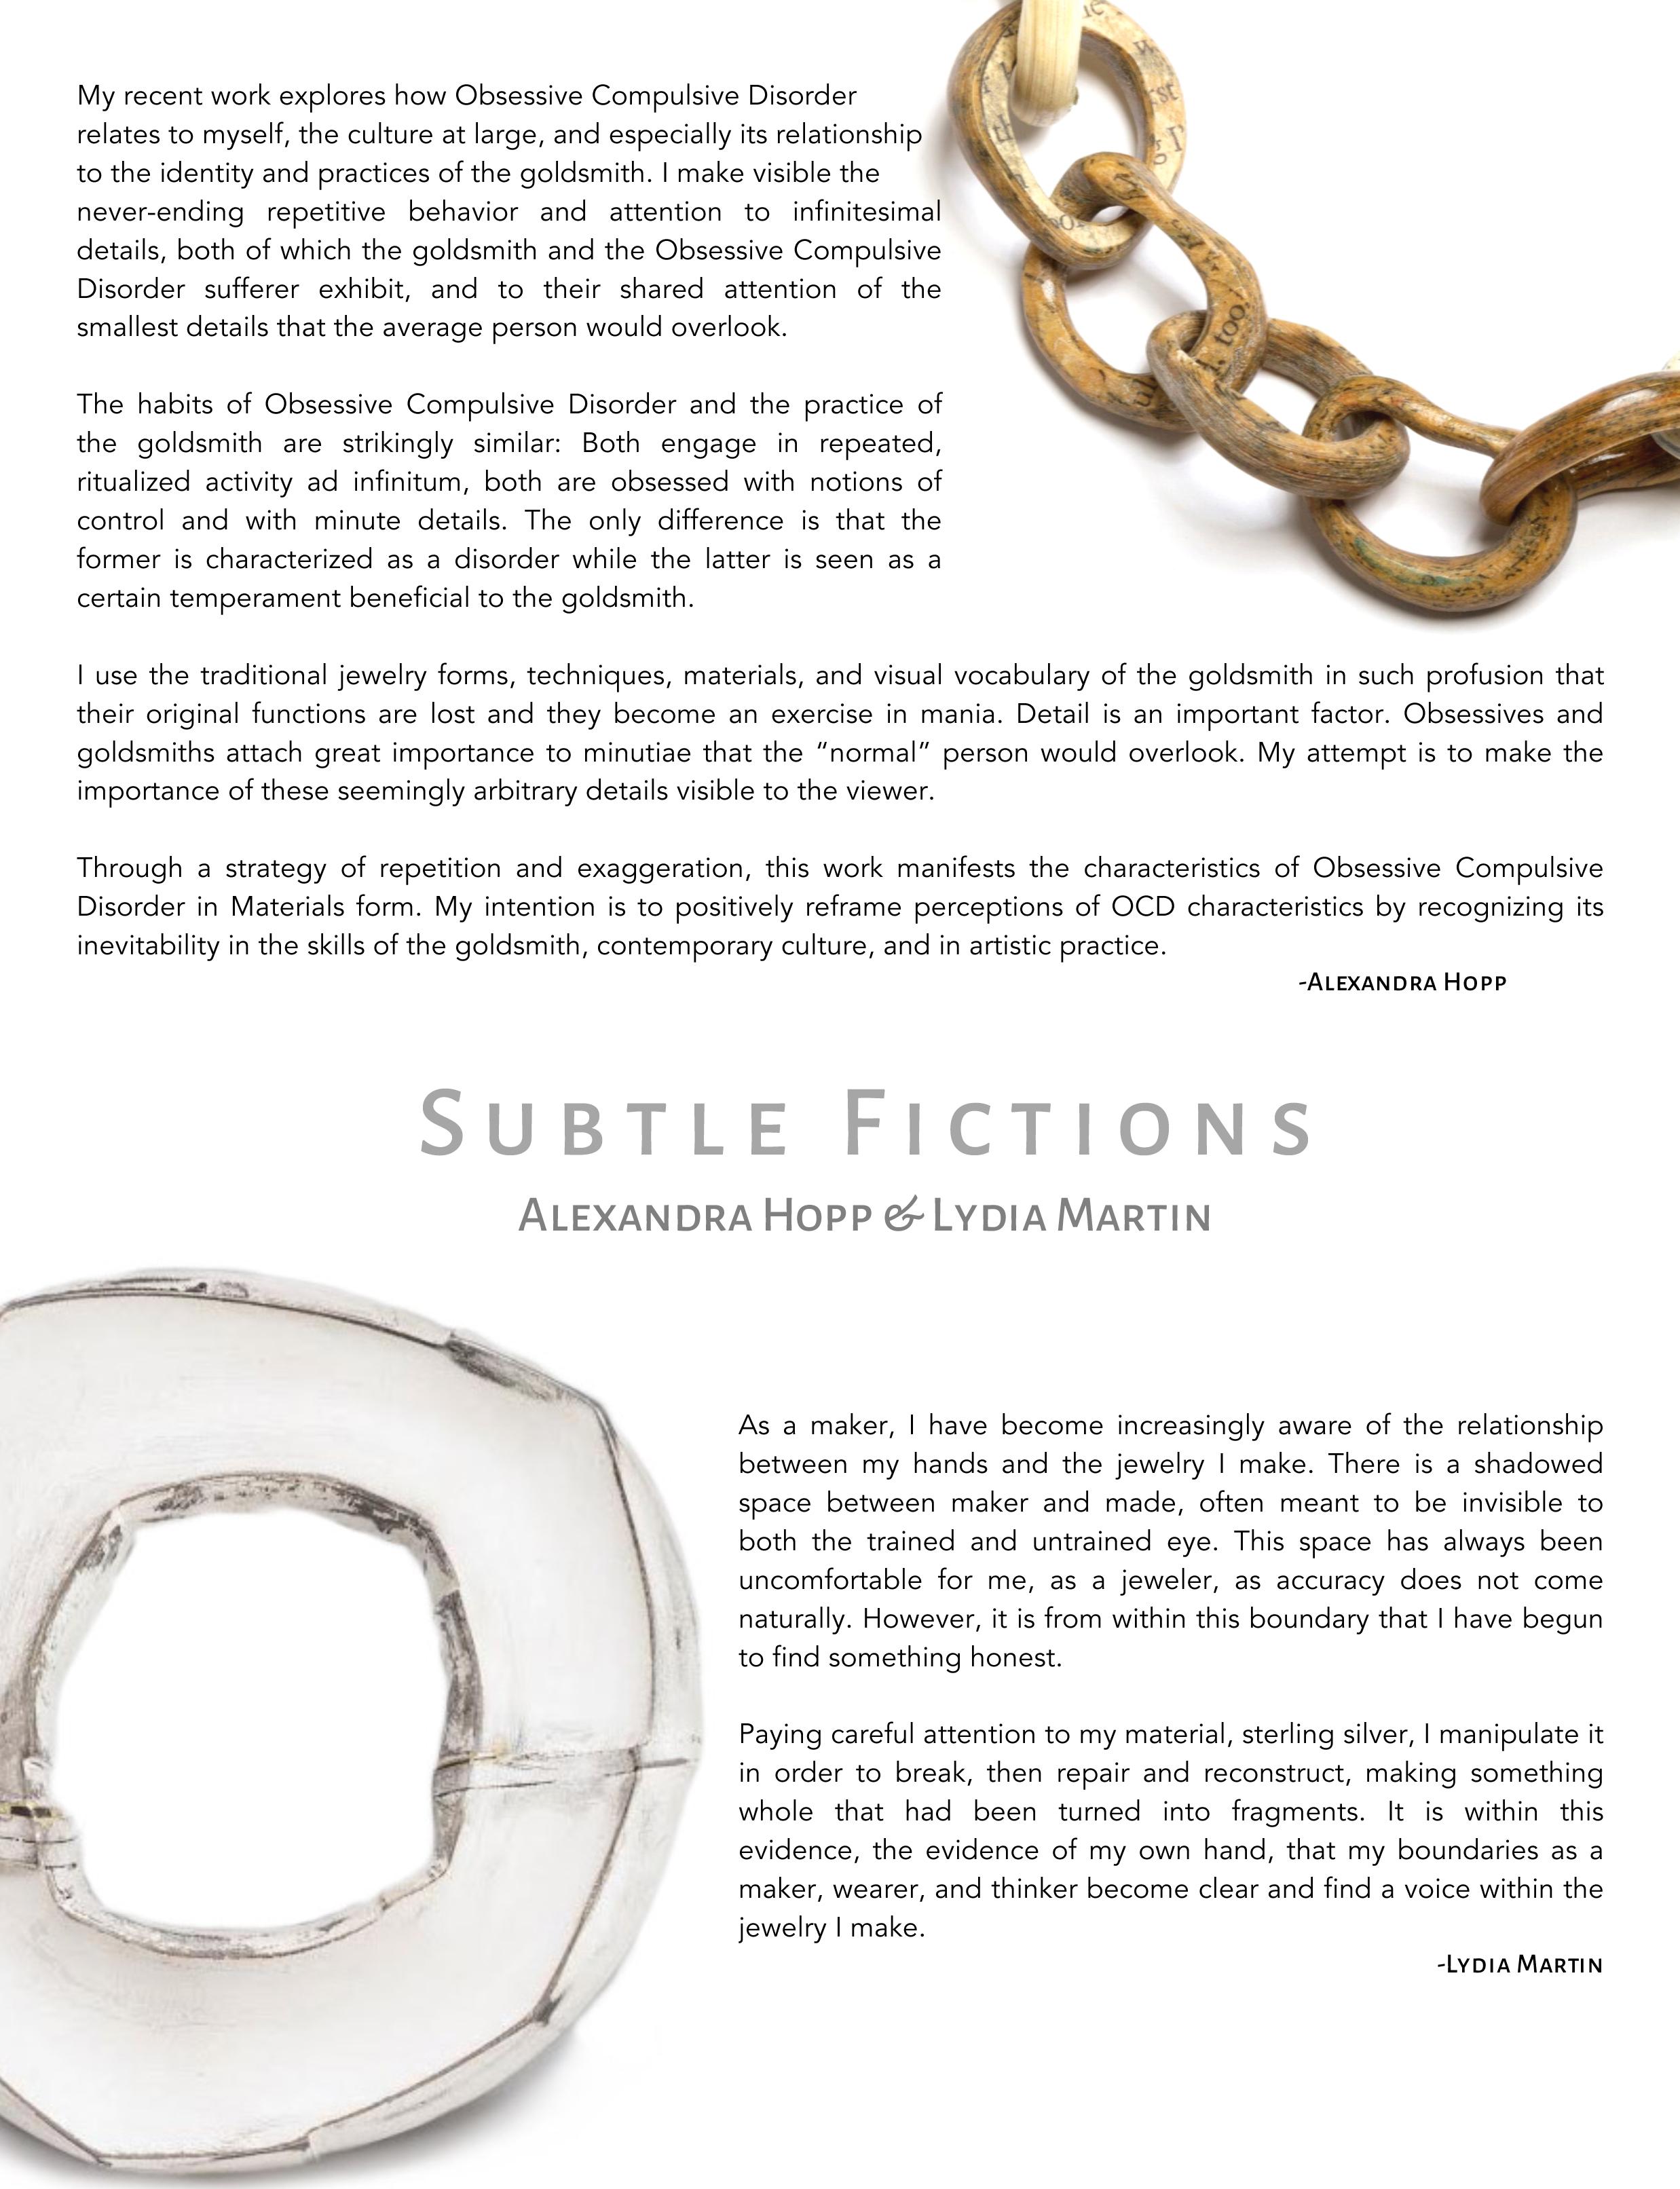 Subtle Fictions Price List 1.jpg